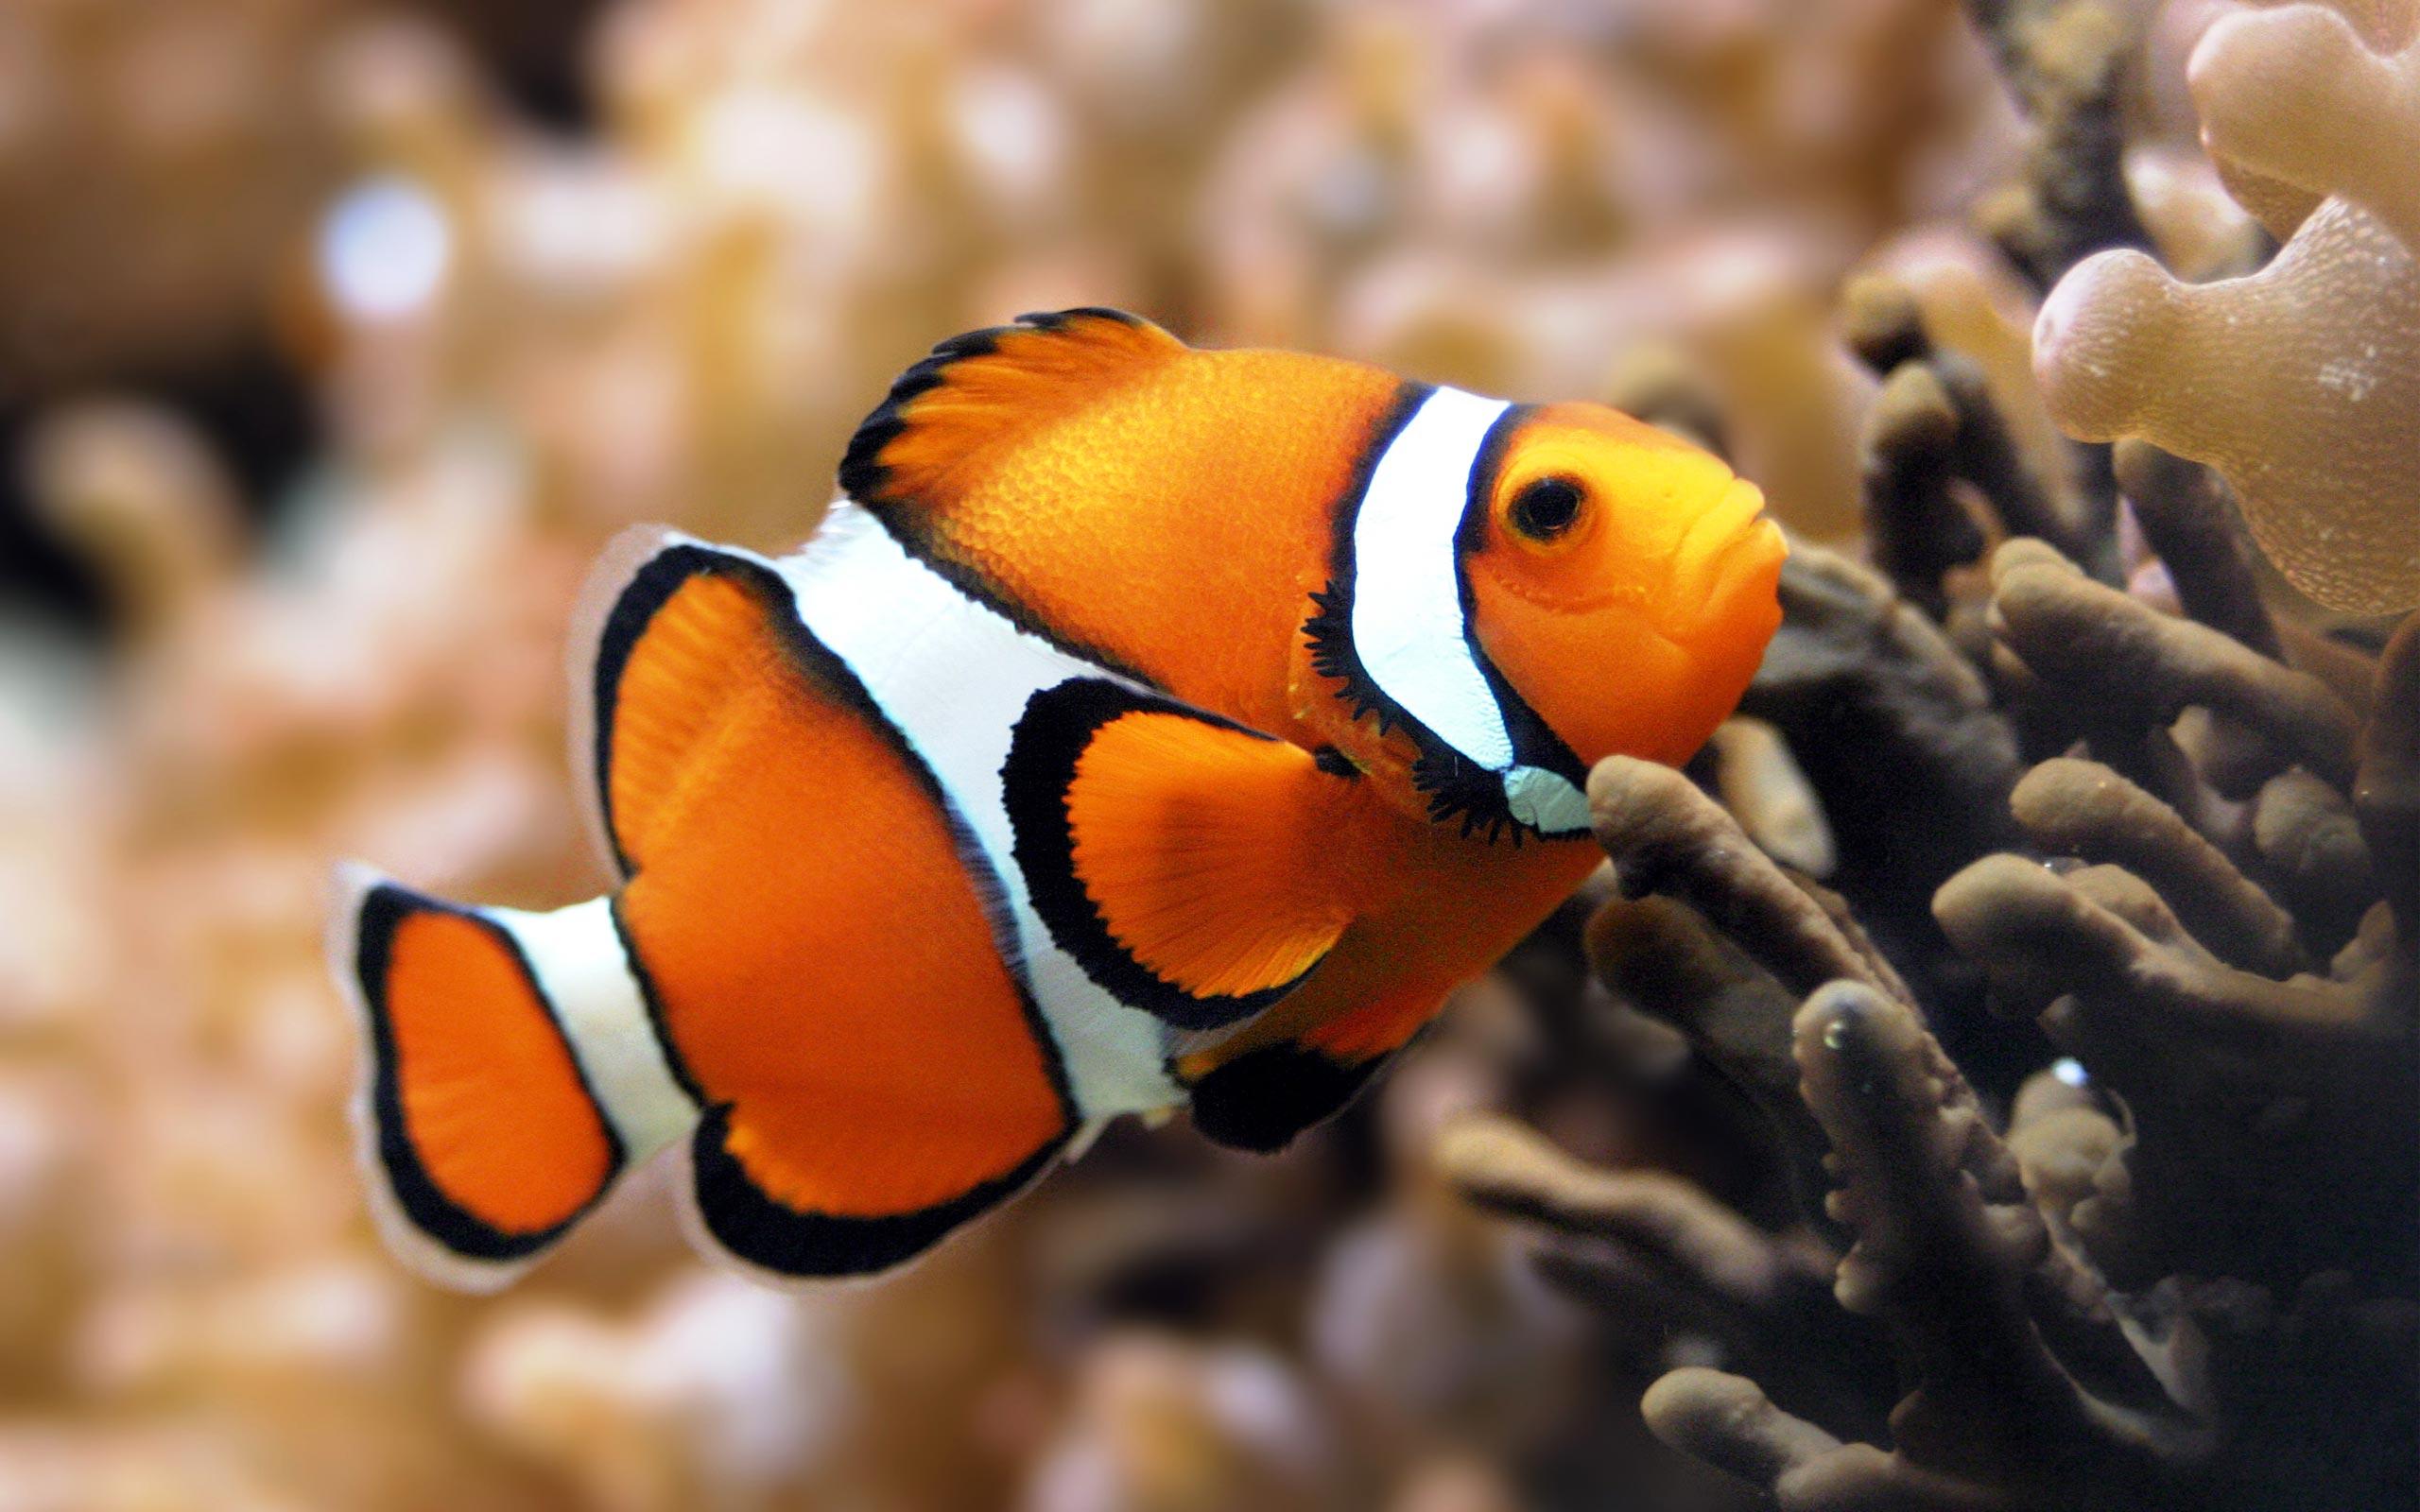 reef fish widescreen wallpaper High Definition Wallpaper HD 2560x1600